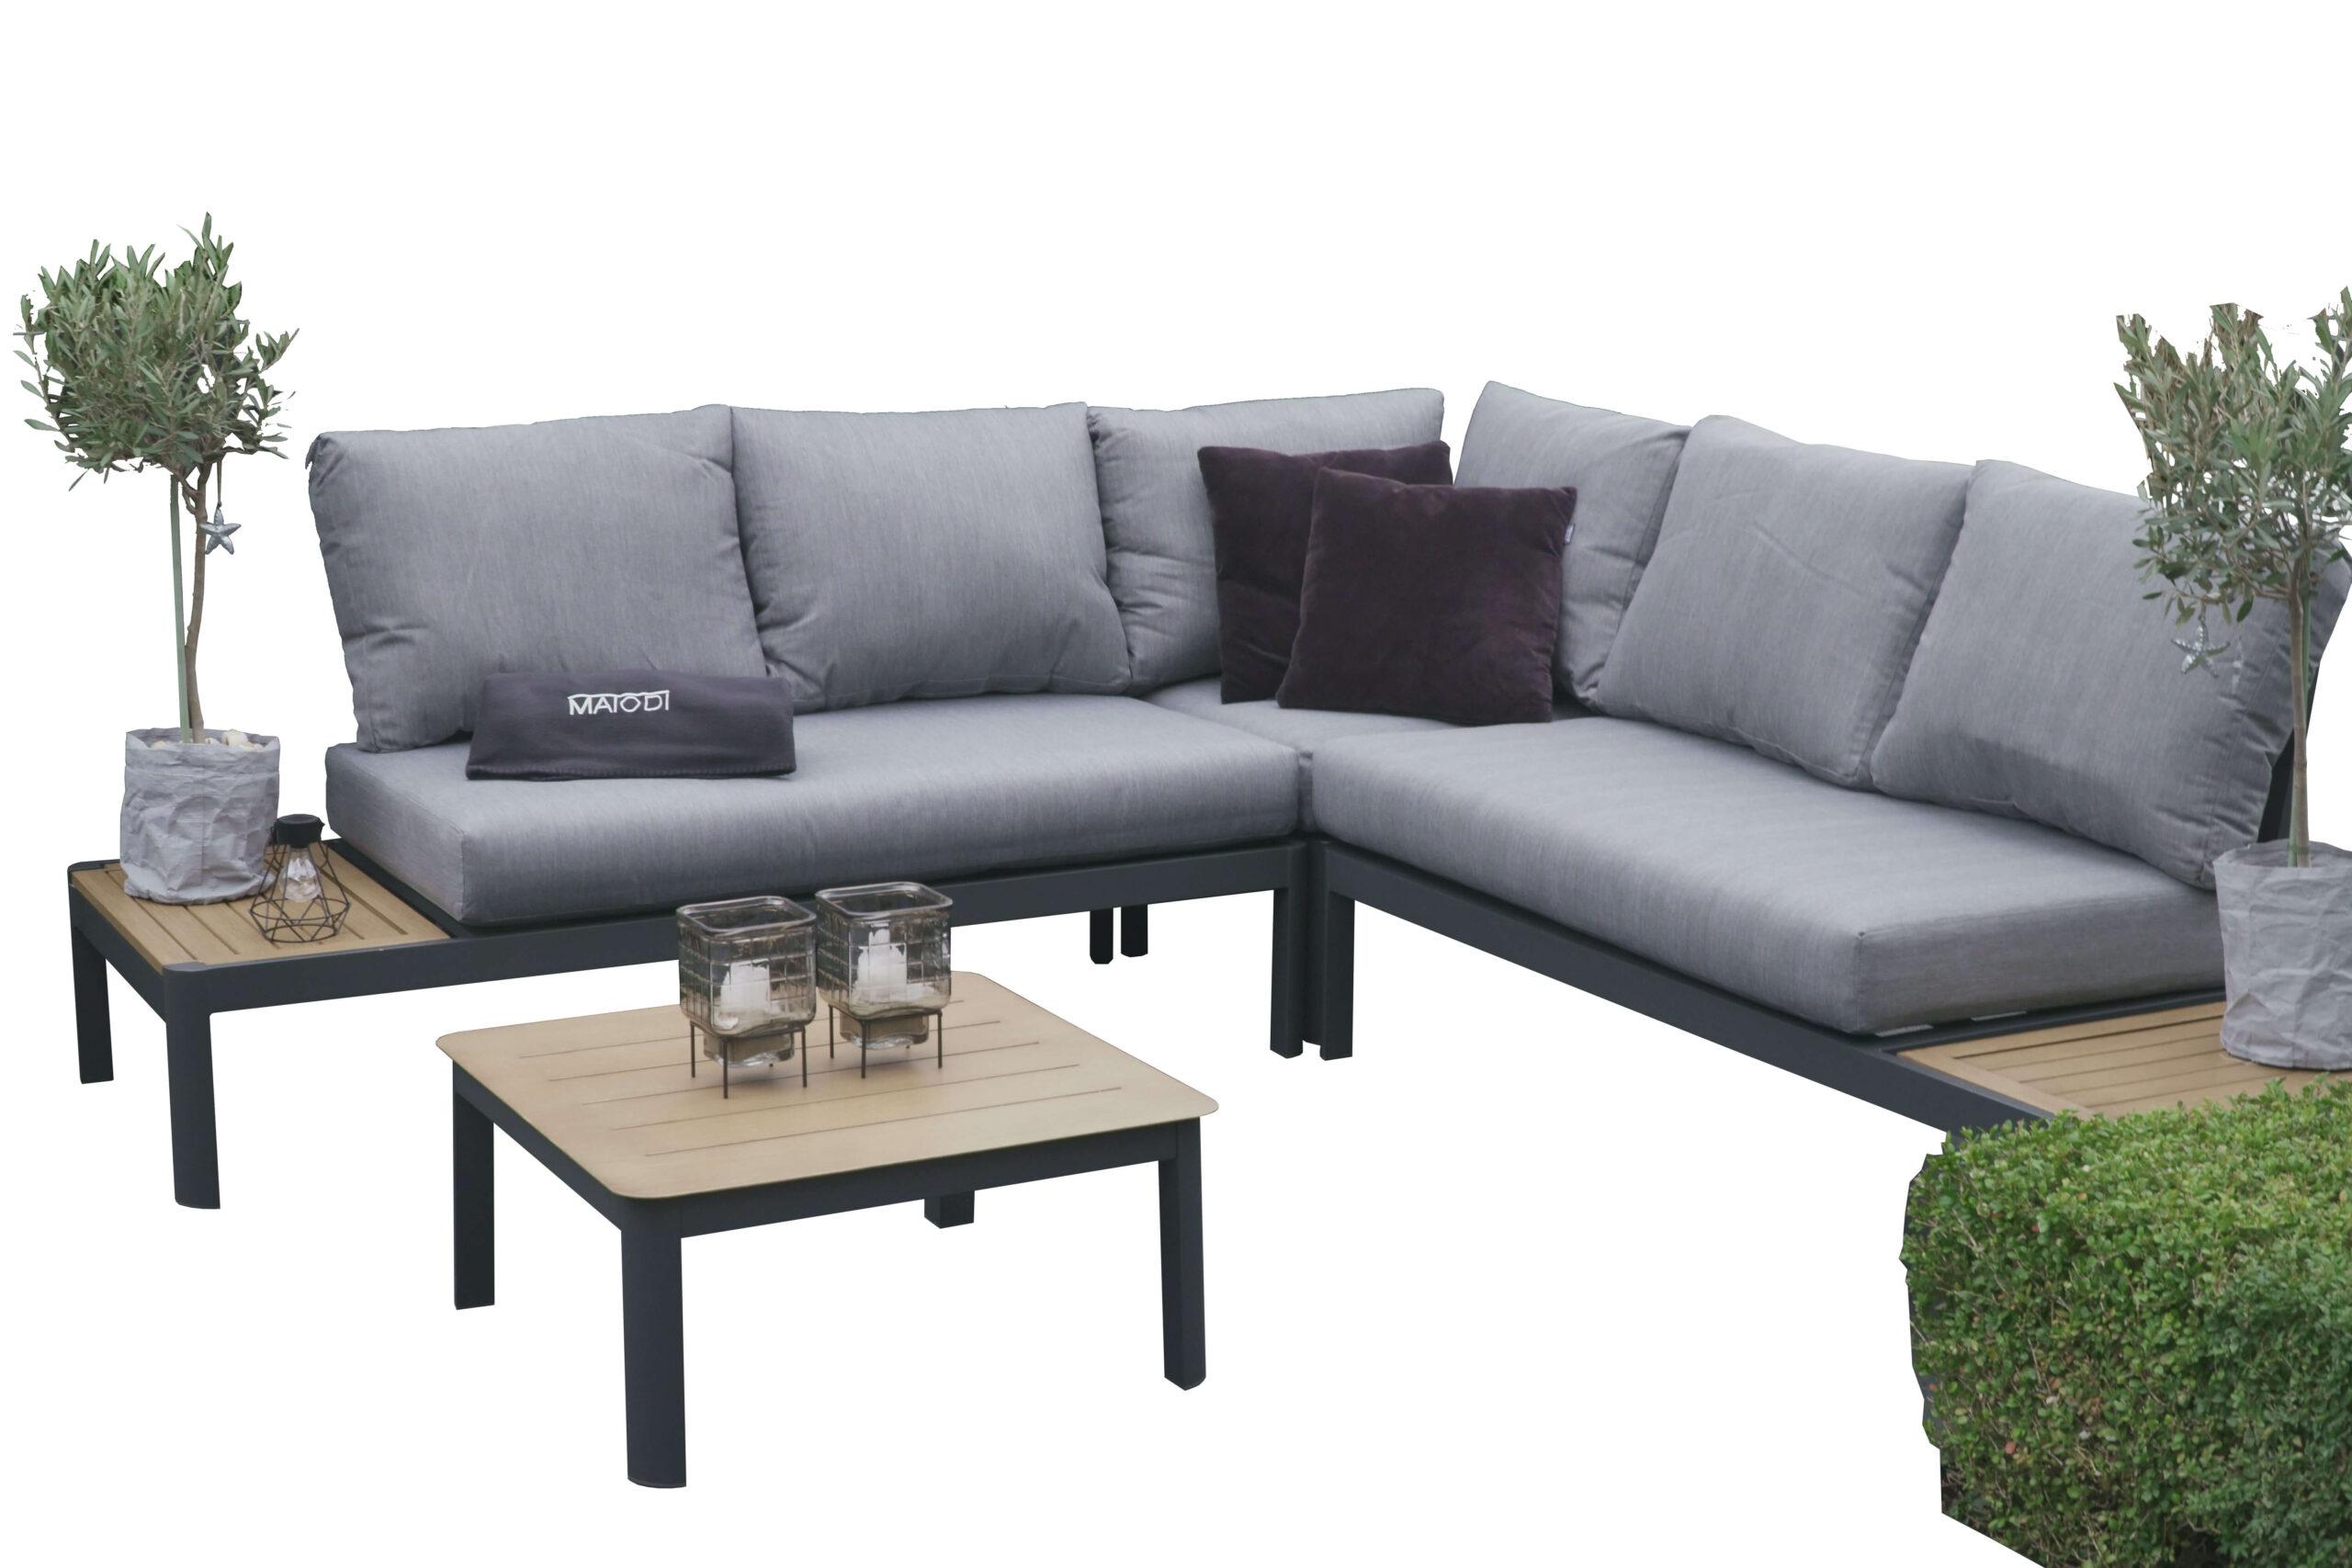 Full Size of Terrassen Lounge Möbel Garten Sessel Loungemöbel Holz Günstig Sofa Set Wohnzimmer Terrassen Lounge